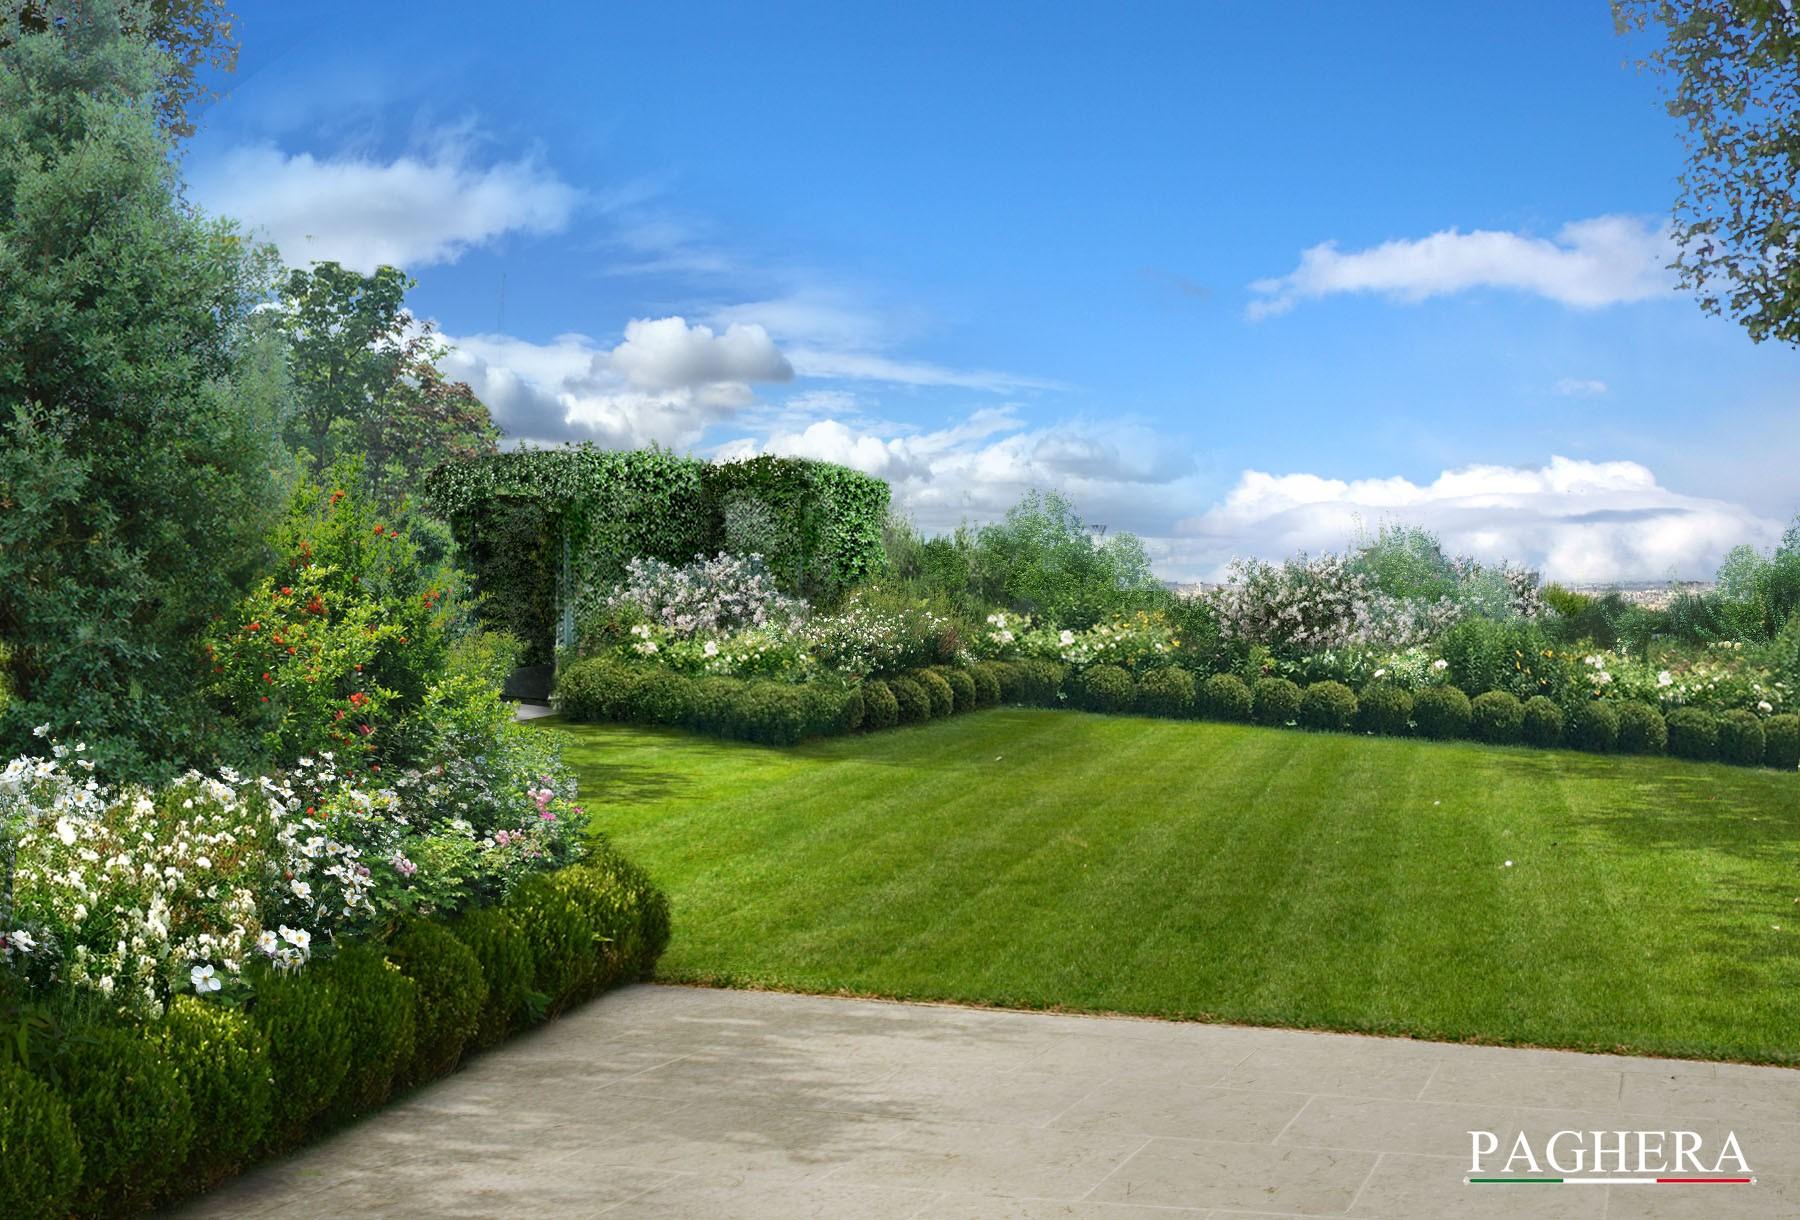 Un 39 elegante villa privata giardini paghera for Paghera giardini